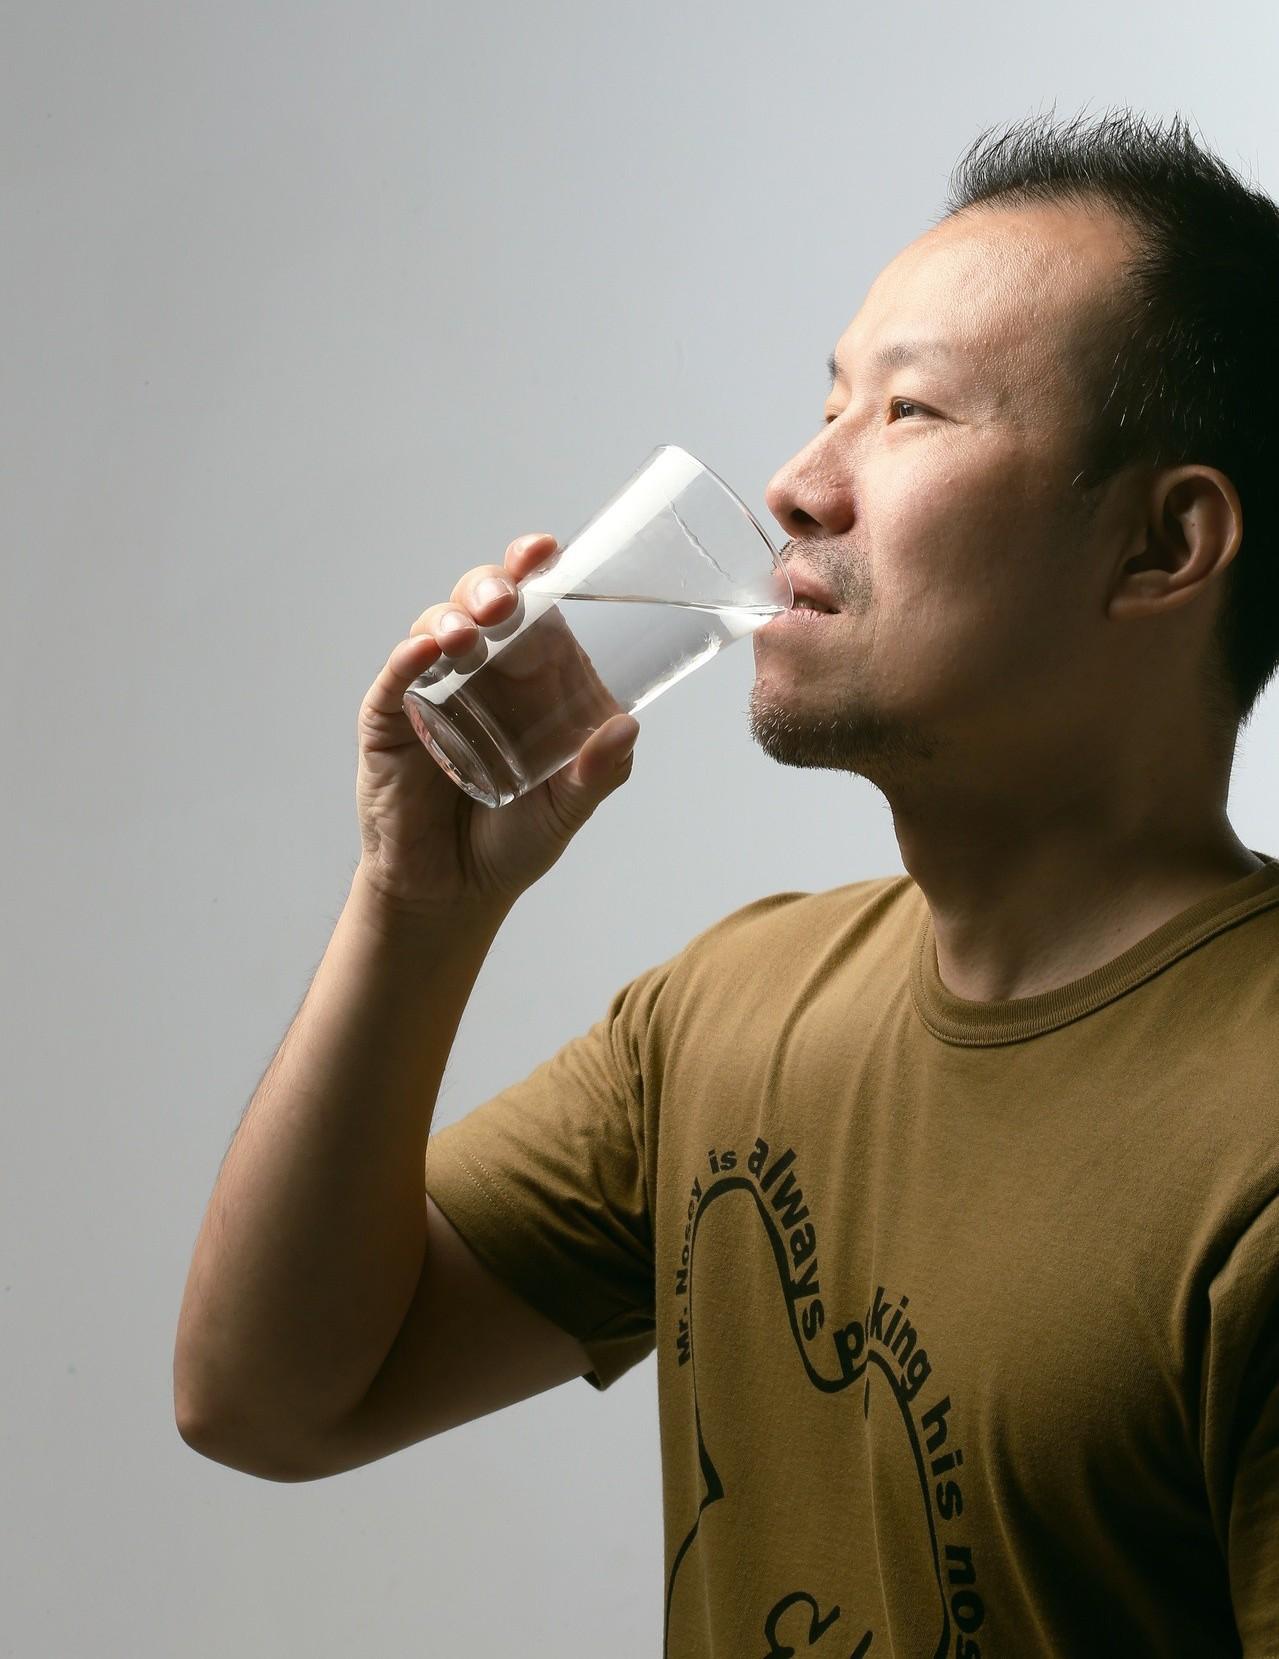 人一天喝水量不宜超過3公升。圖為喝水示意圖,非新聞當事人。聯合報系資料照